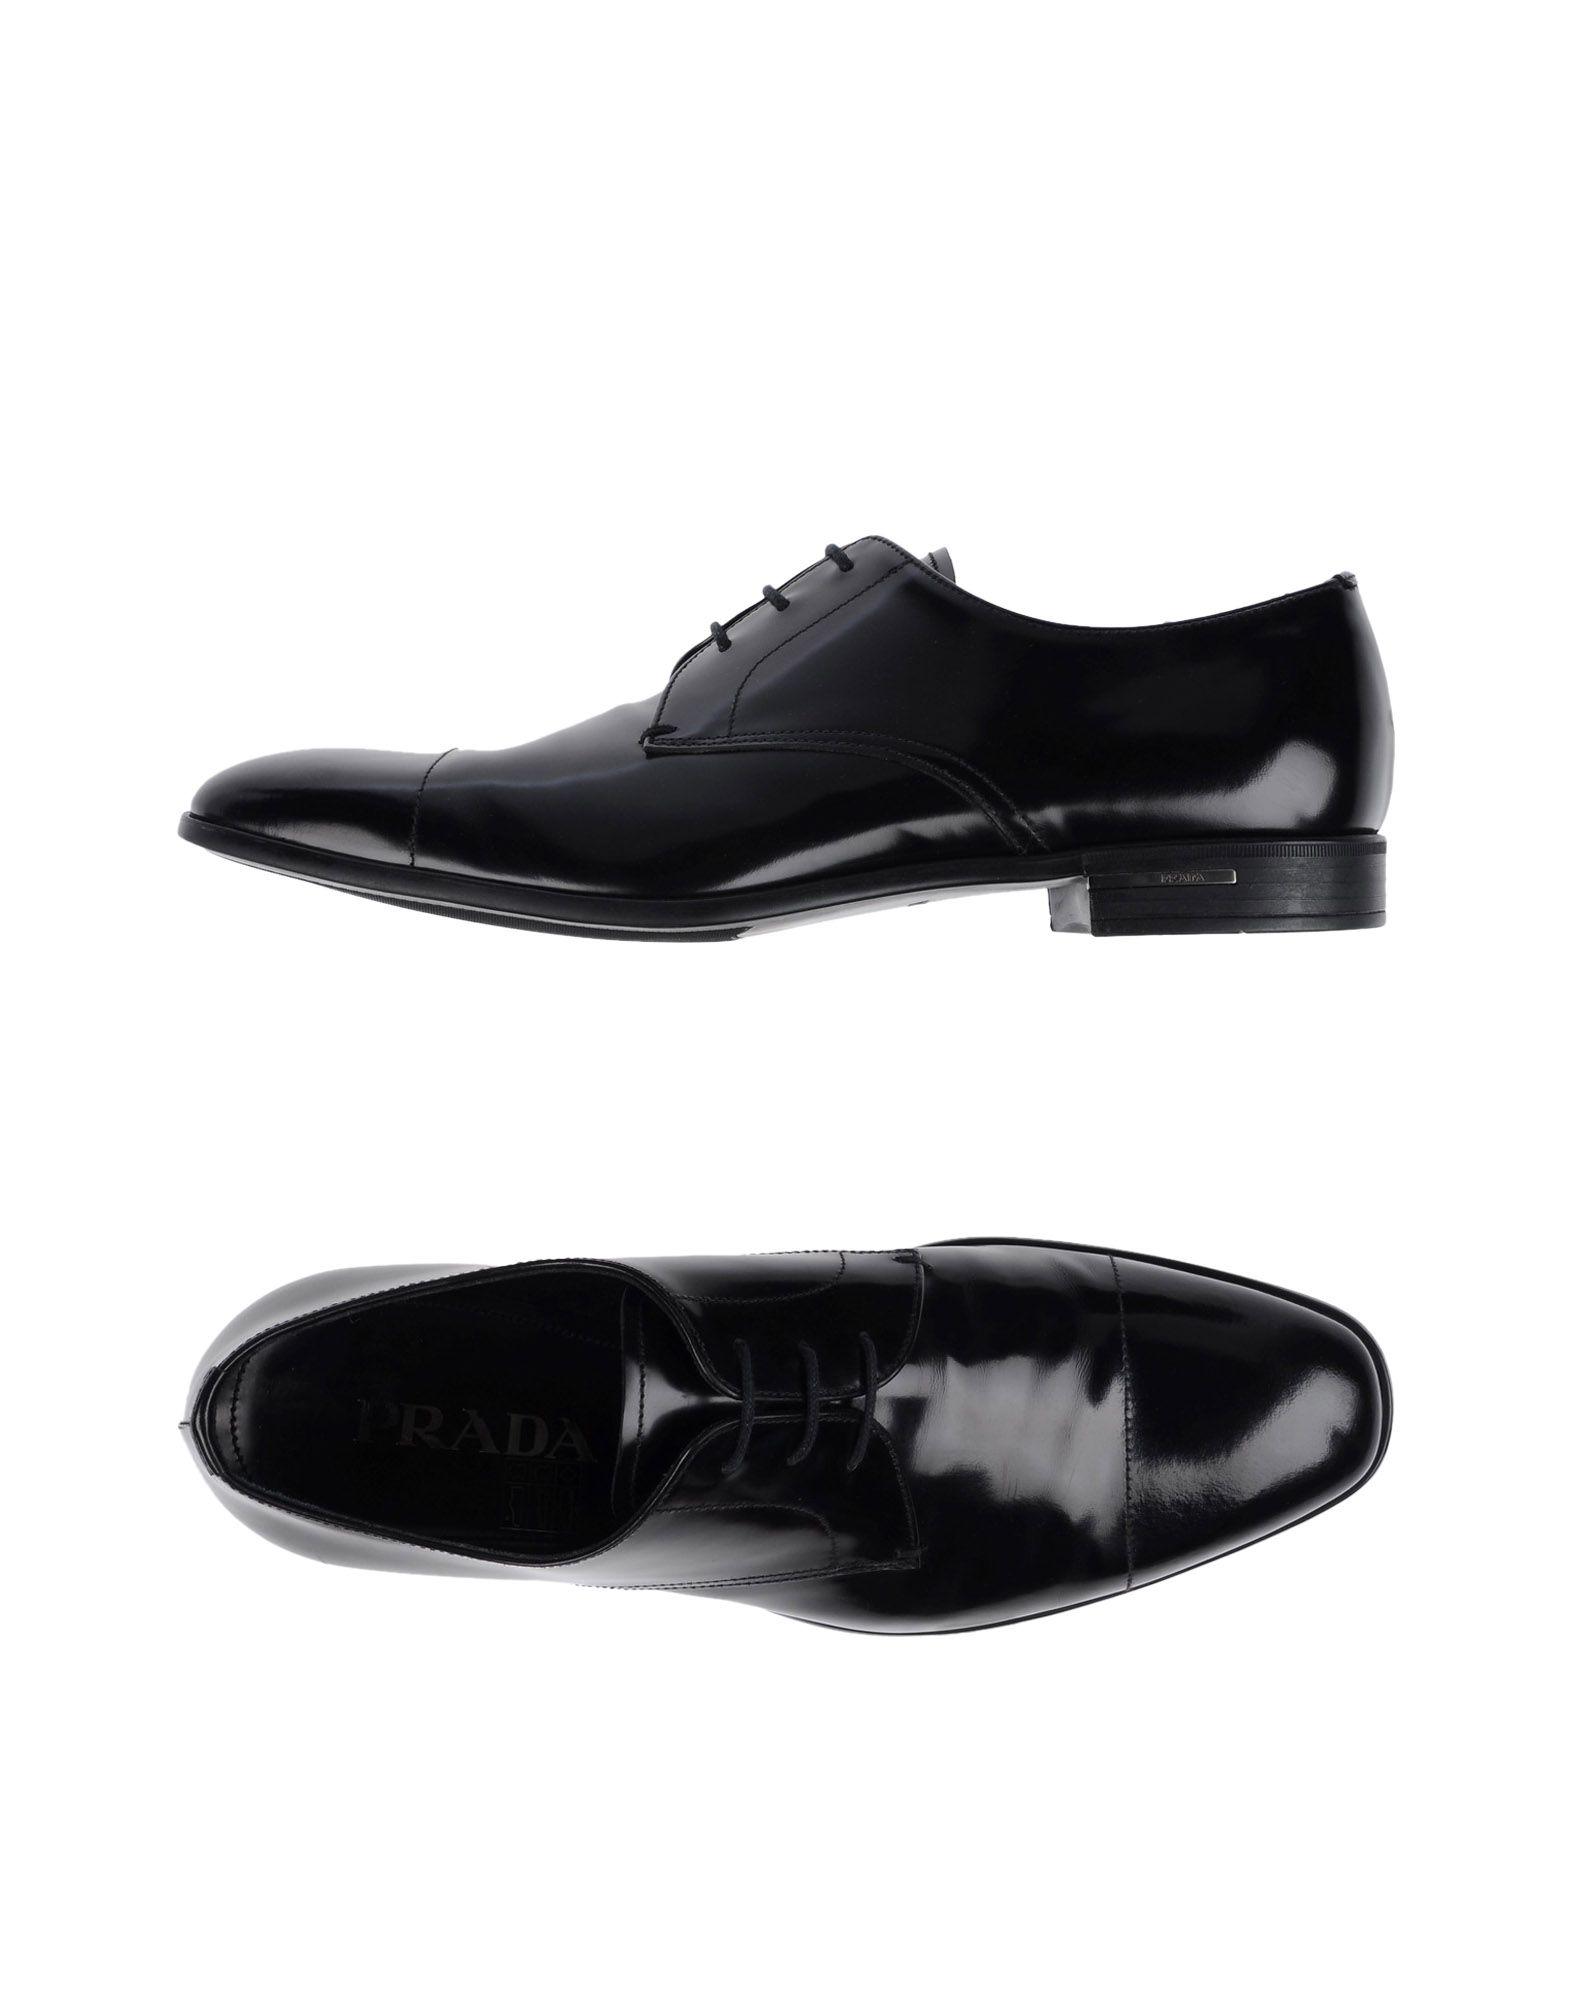 Prada Schnürschuhe Herren  11314300QQ Gute Qualität beliebte Schuhe